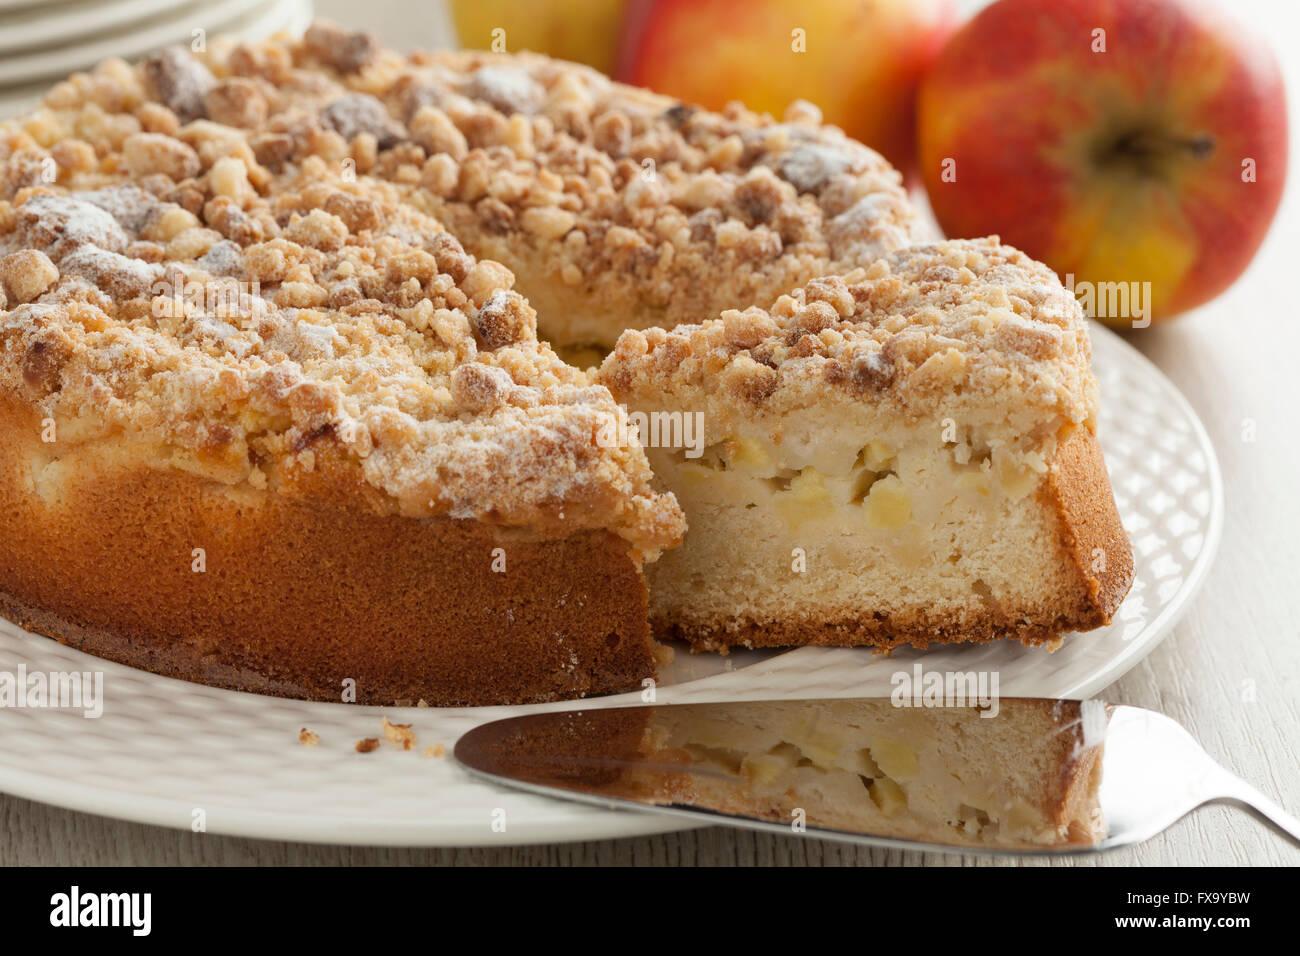 Fresh baked homemade apple cake - Stock Image